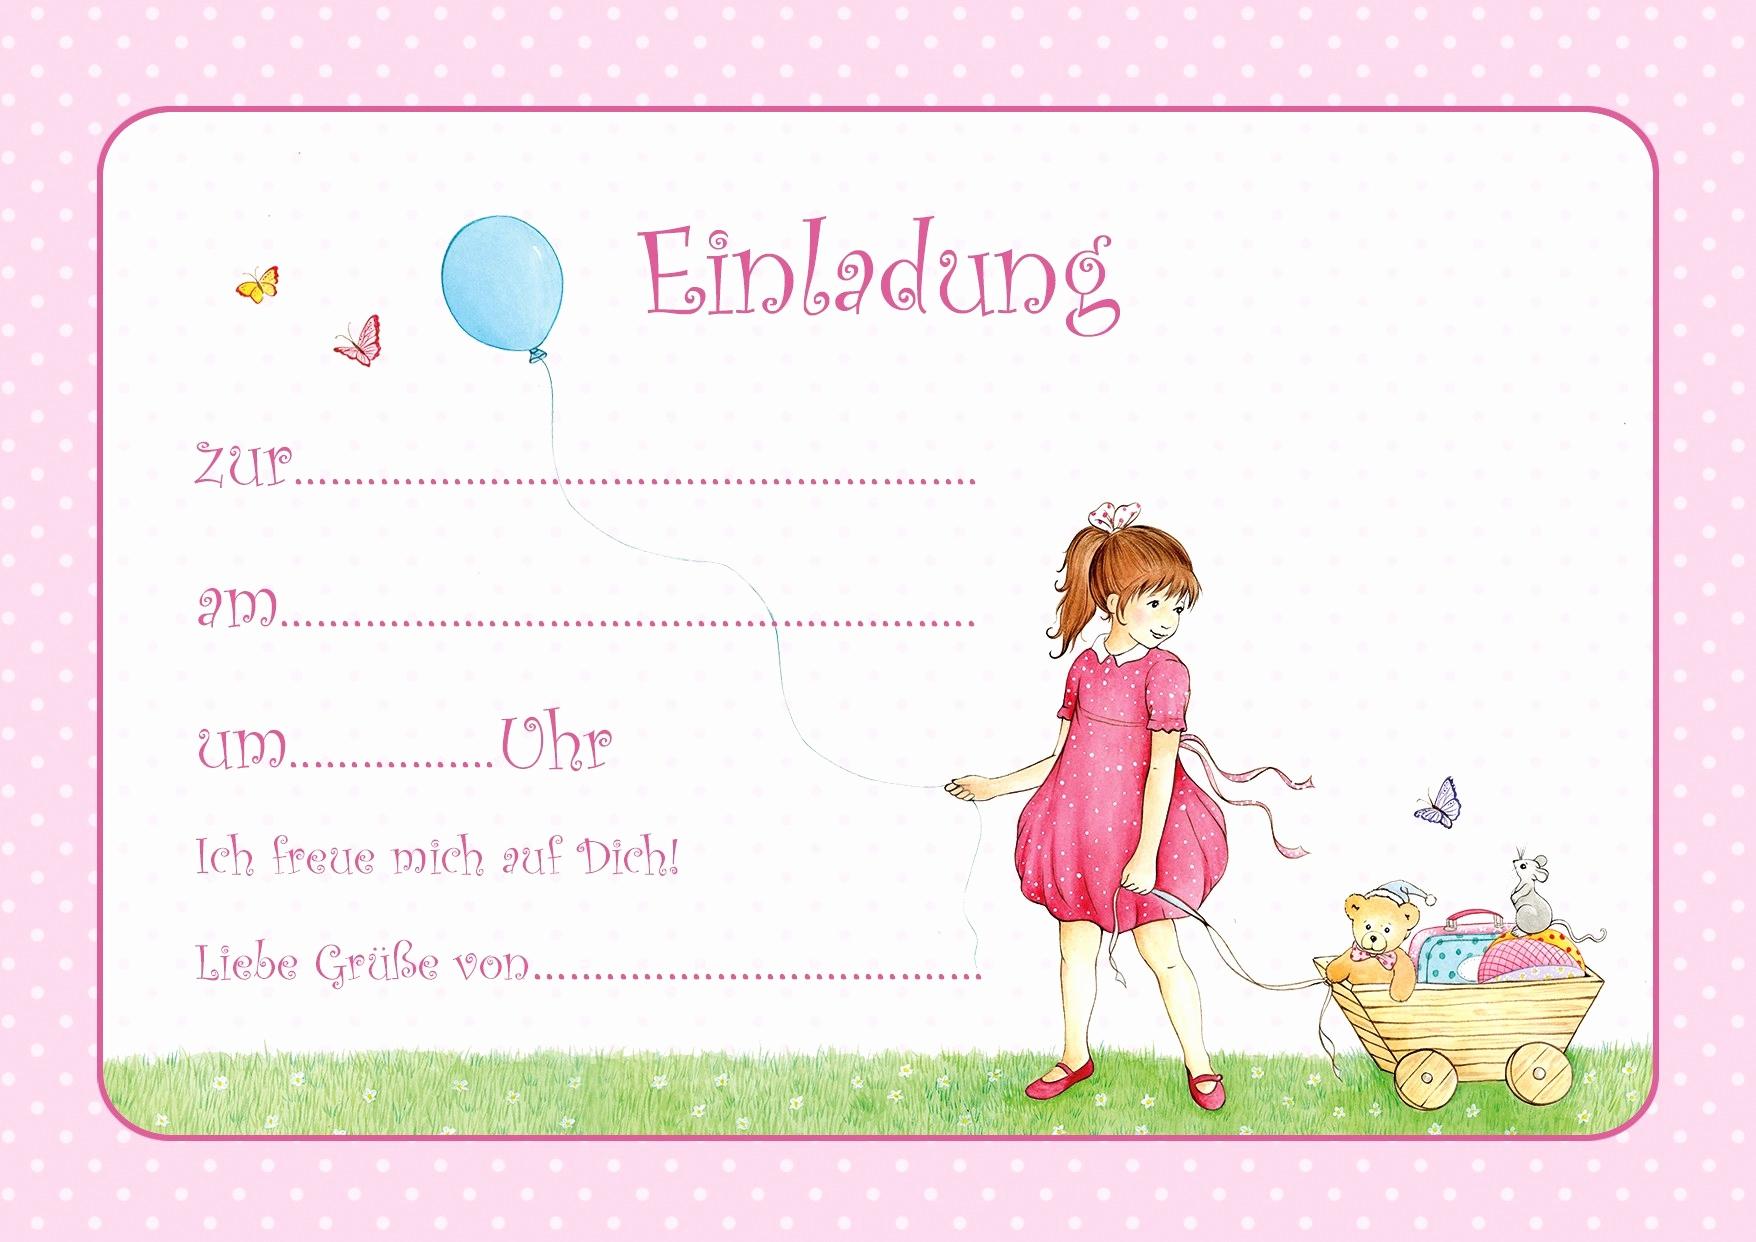 Geburtstagskarte Kostenlos Ausdrucken Luxus Geburtstagskarte über Geburtstagskarte Online Kostenlos